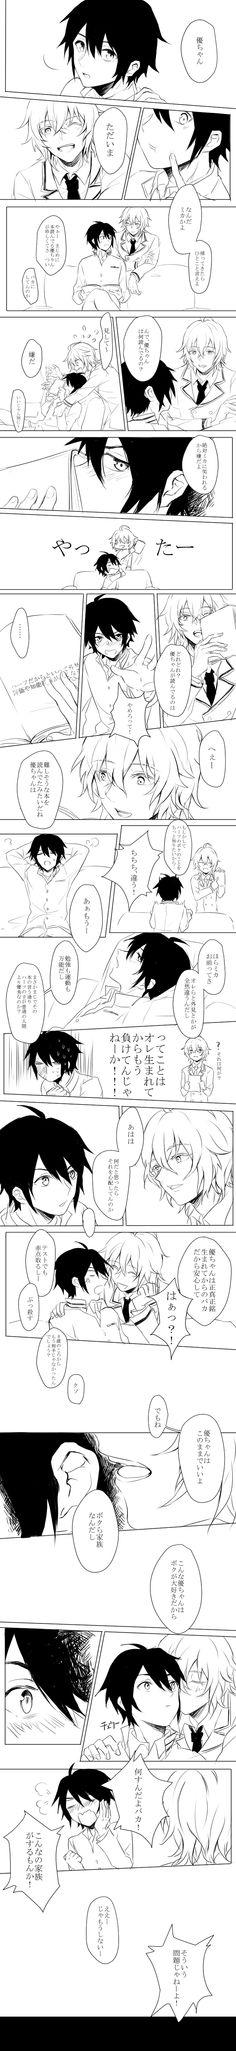 「終セラログ(腐向け注意)」/「Vane」の漫画 [pixiv] PS: i don't understand what they r saying but it cute.